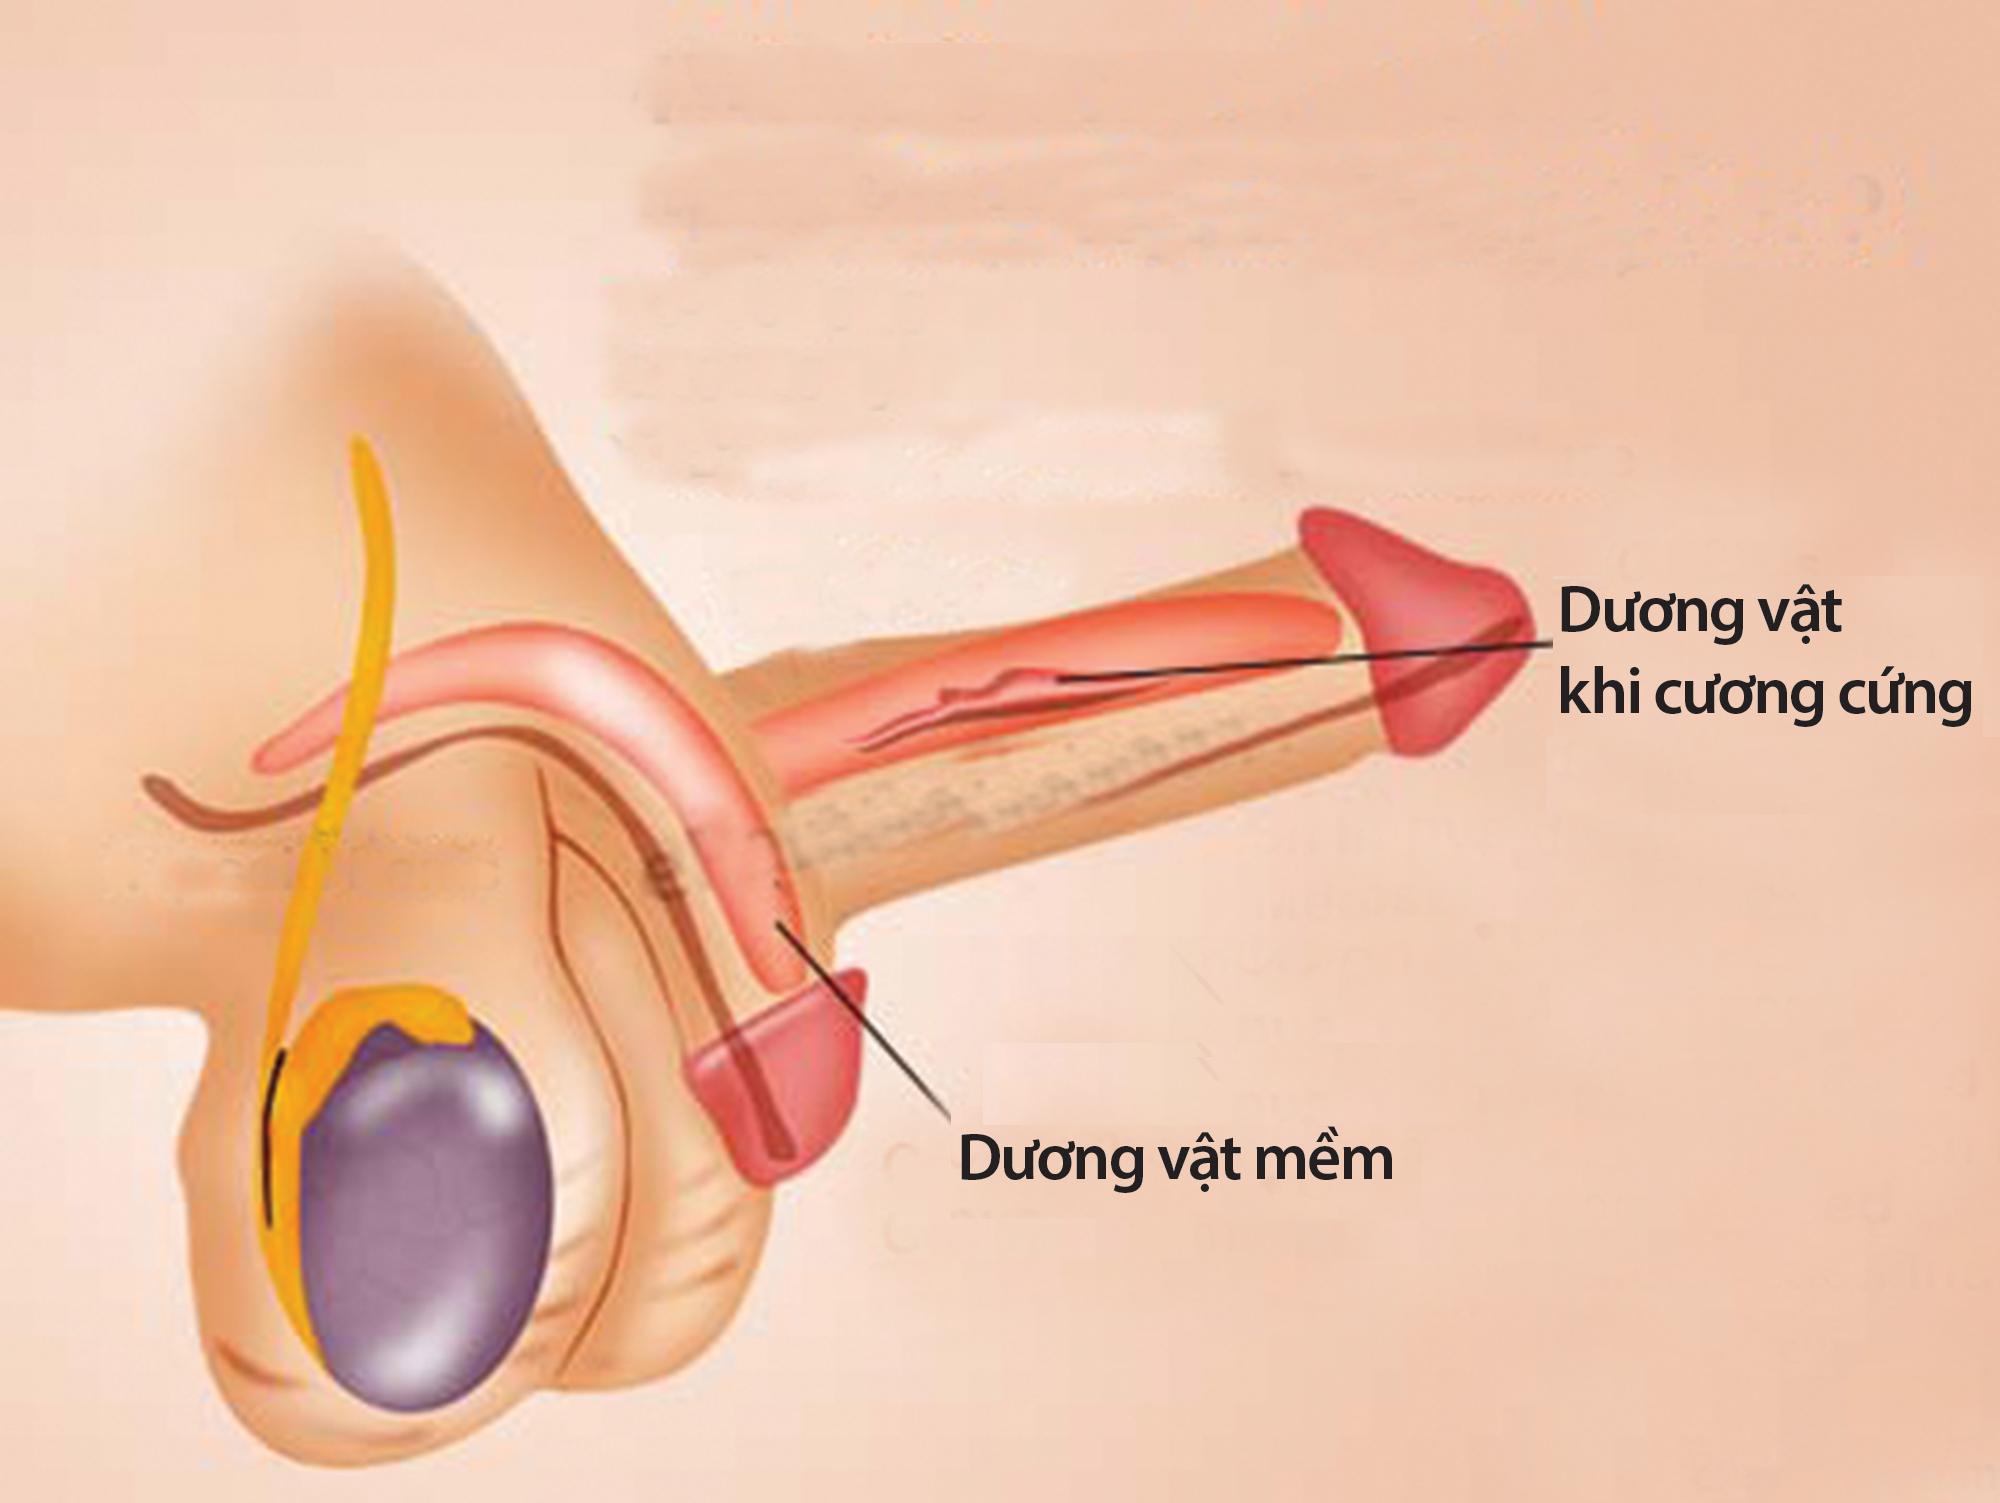 Nhận diện rối loạn hoạt động tình dục ở nam giới - 2